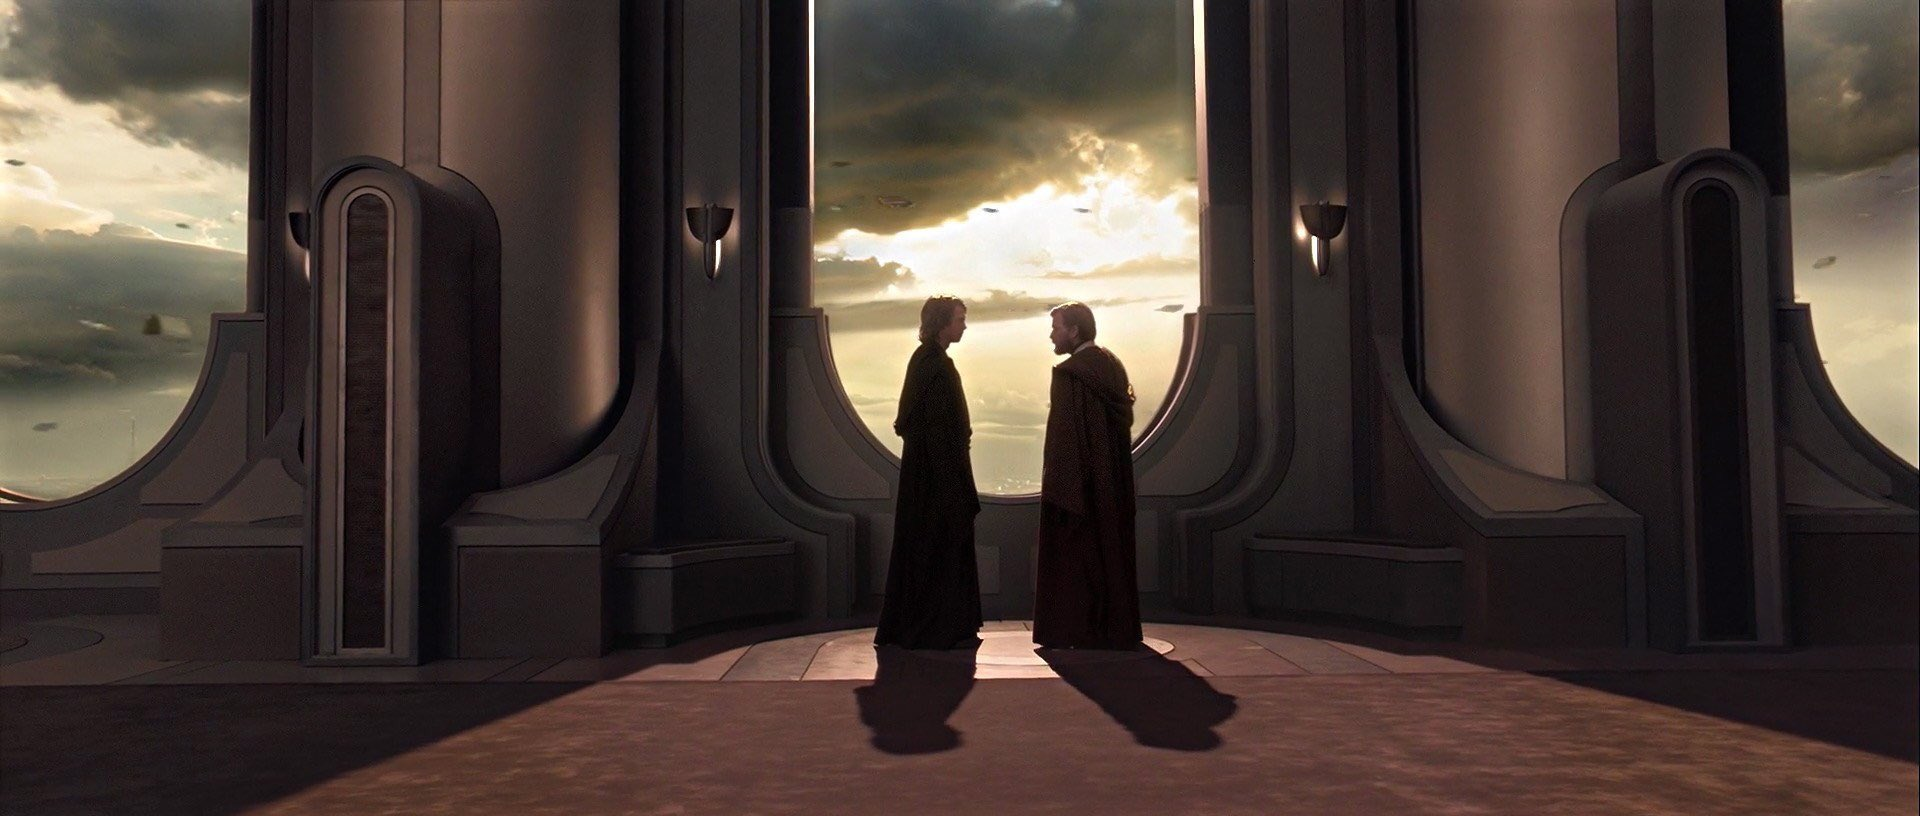 The Rey Kenobi Files - Page 30 ELpog54WkAAlE7p?format=jpg&name=large